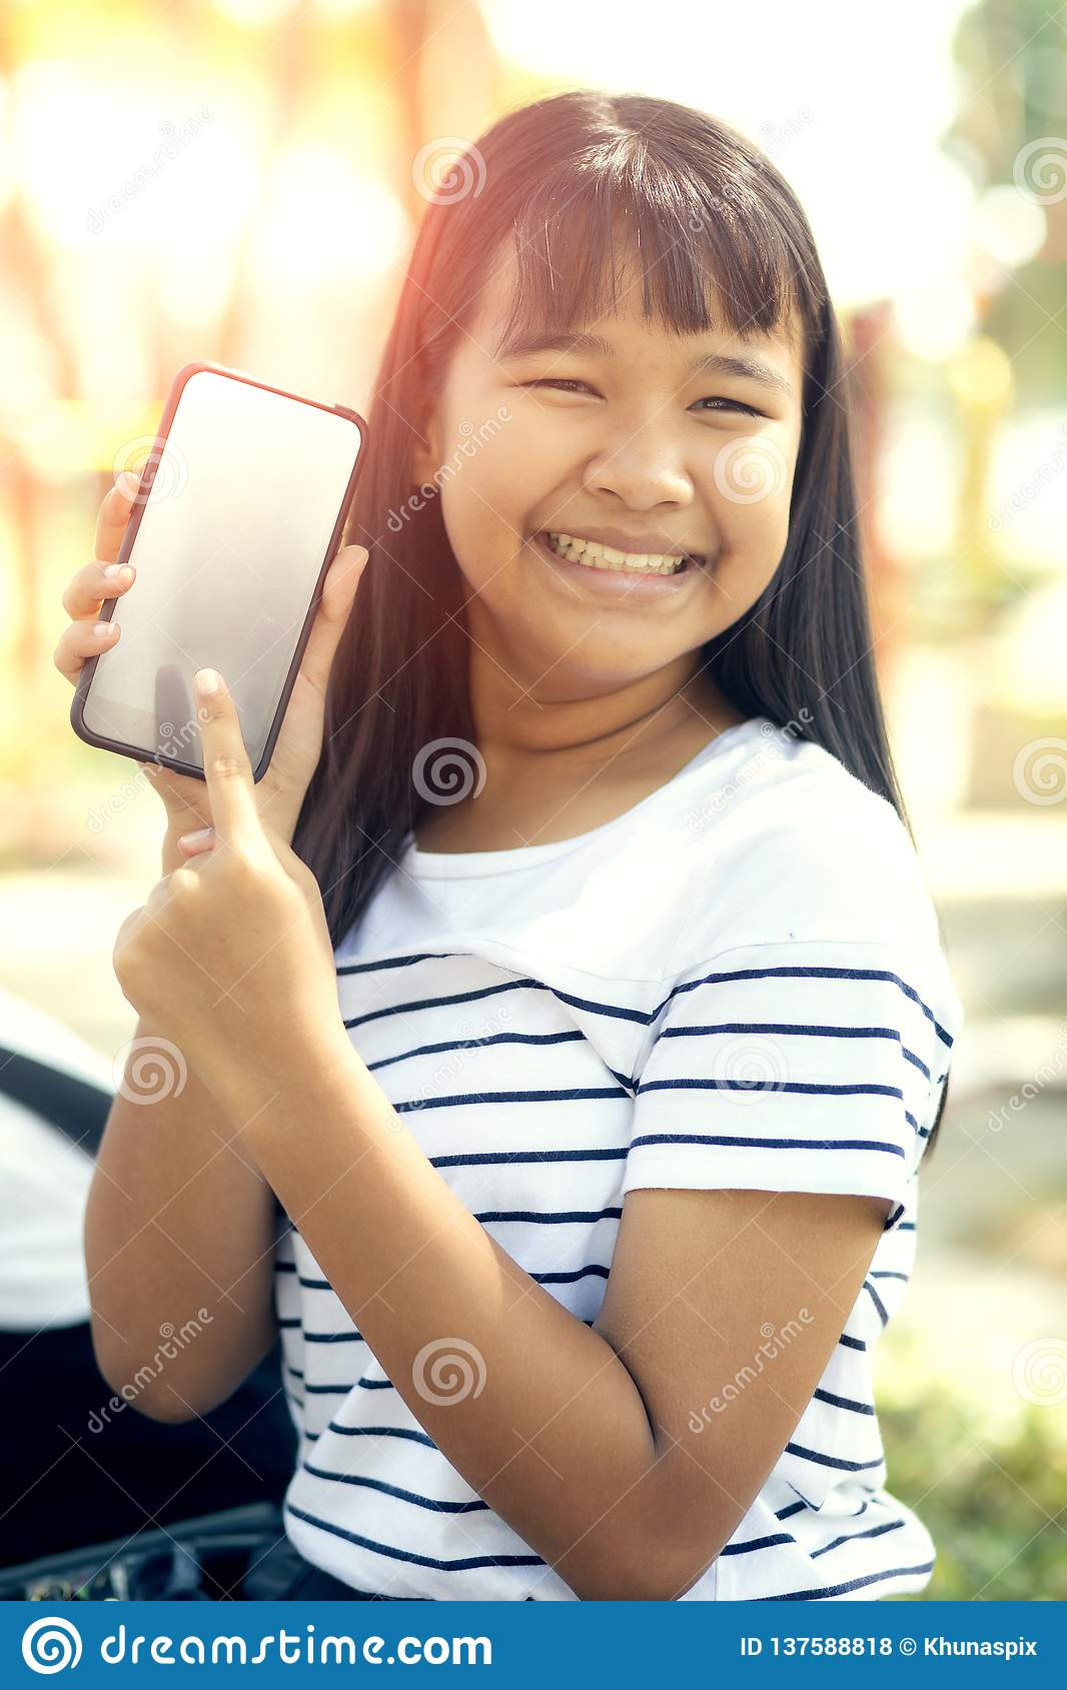 Tela branca da mostra asiática do adolescente da tela esperta do telefone e da emoção de sorriso toothy da felicidade da cara